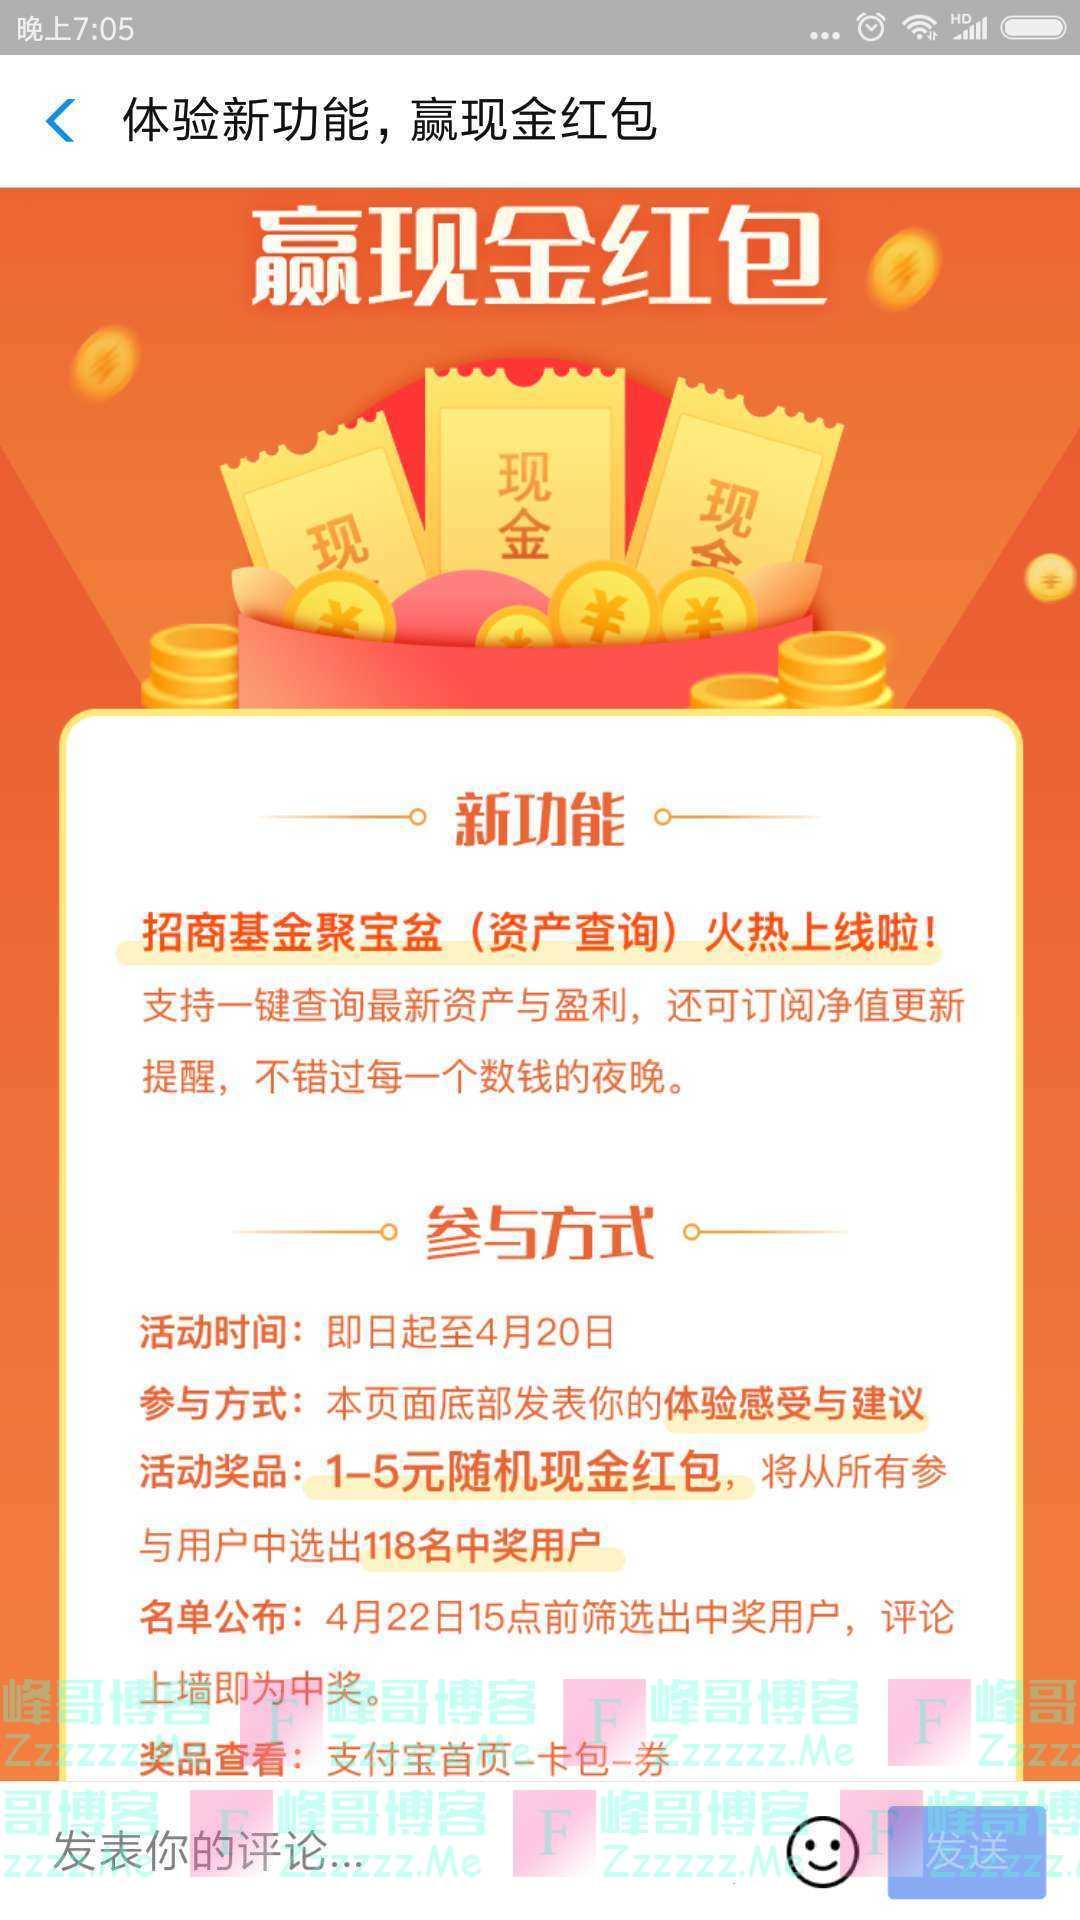 招商基金体验新功能赢现金红包(截止4月20日)